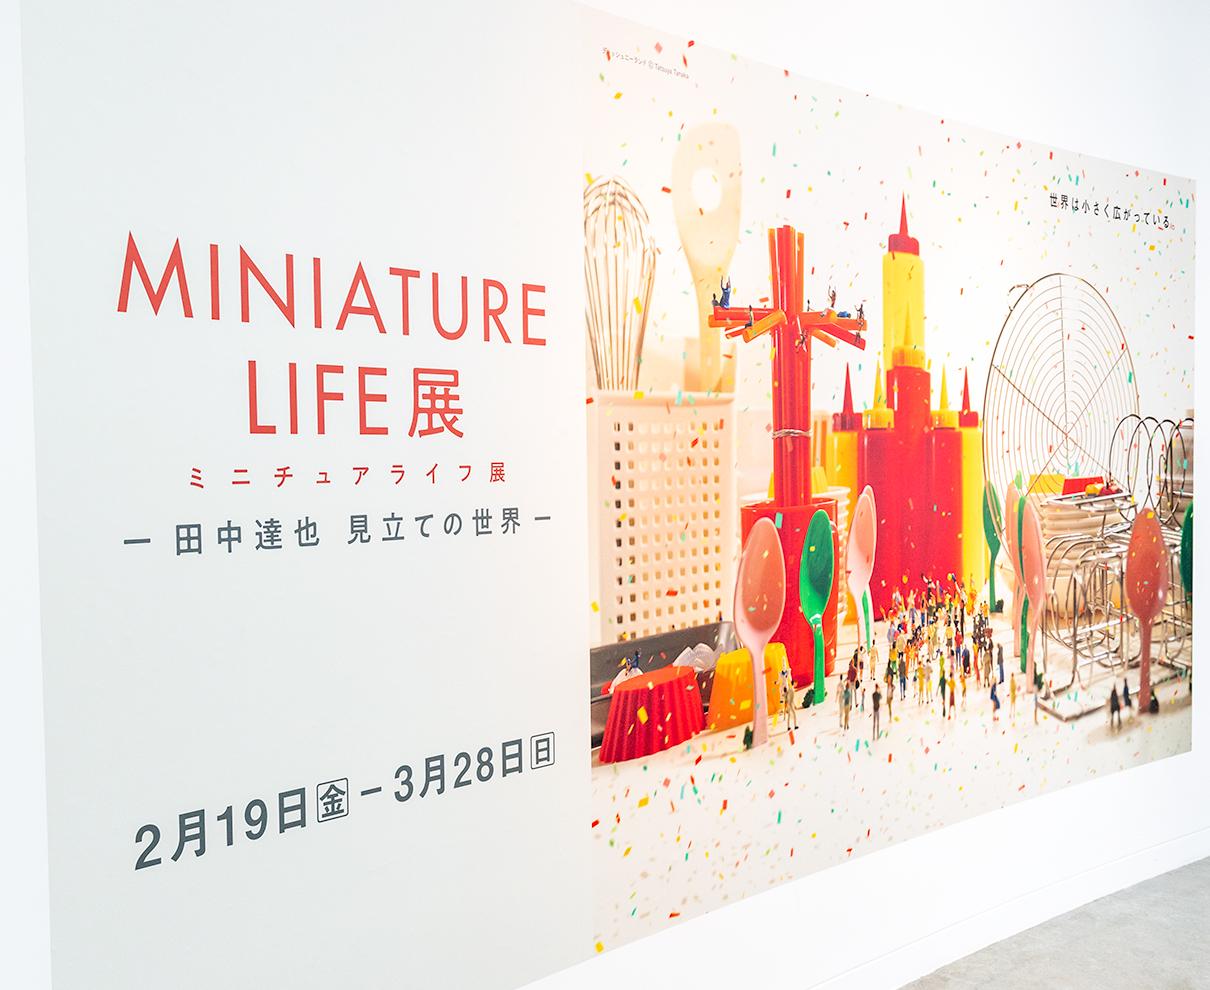 ミニチュアライフ展が福井で初開催! 福井だけのオリジナル作品も登場。【2/19~3/28】